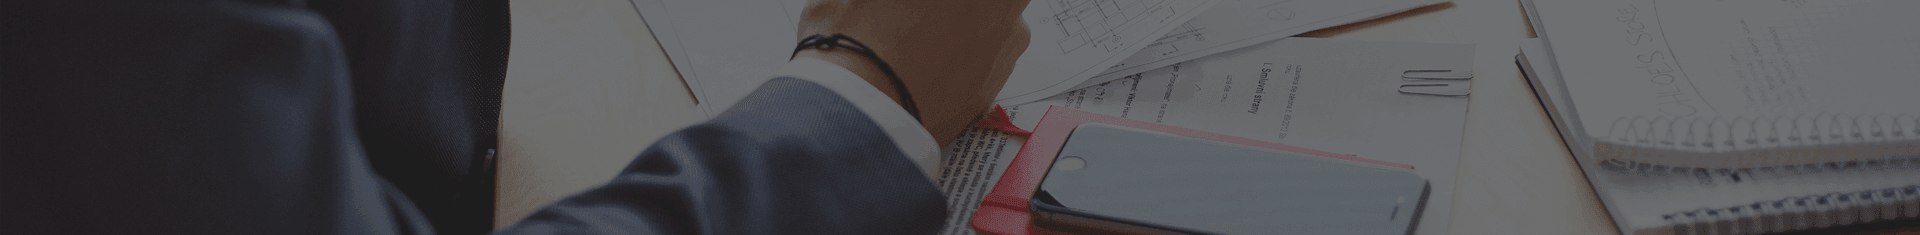 Применяем гвозди и скобы в каркасных постройках